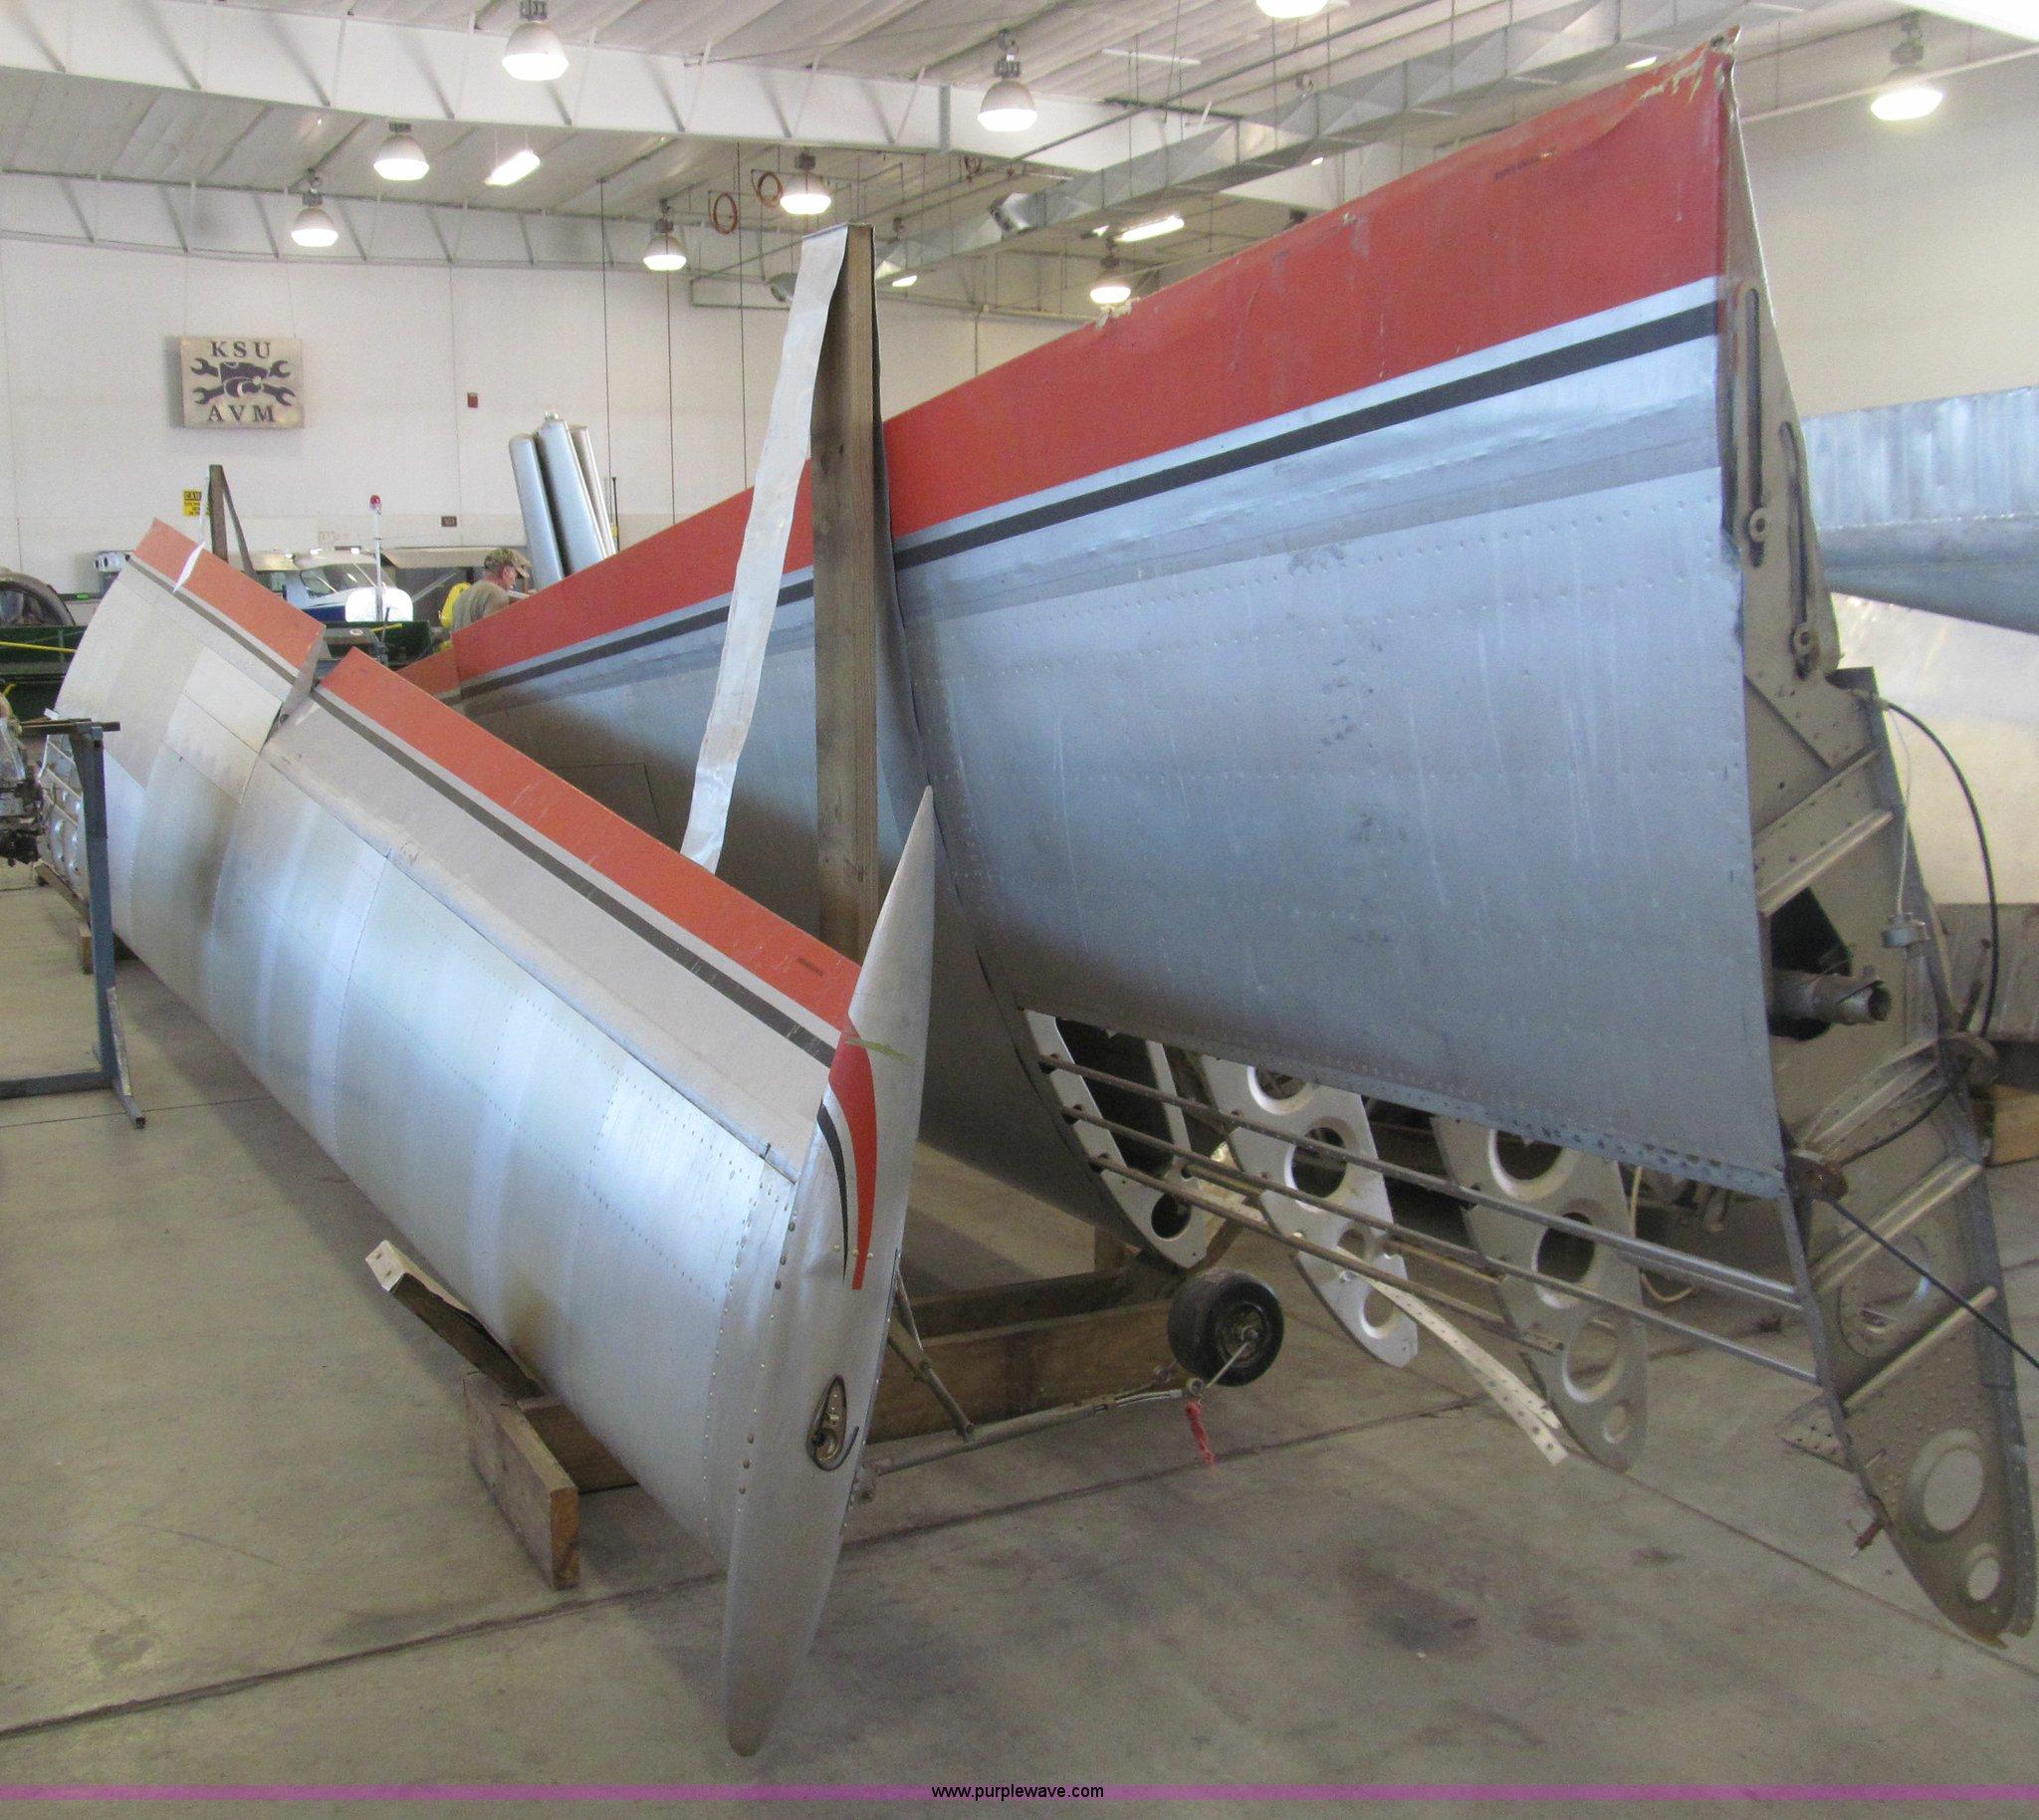 Aerotechnik L-13SEH motor glider | Item AY9235 | SOLD! July